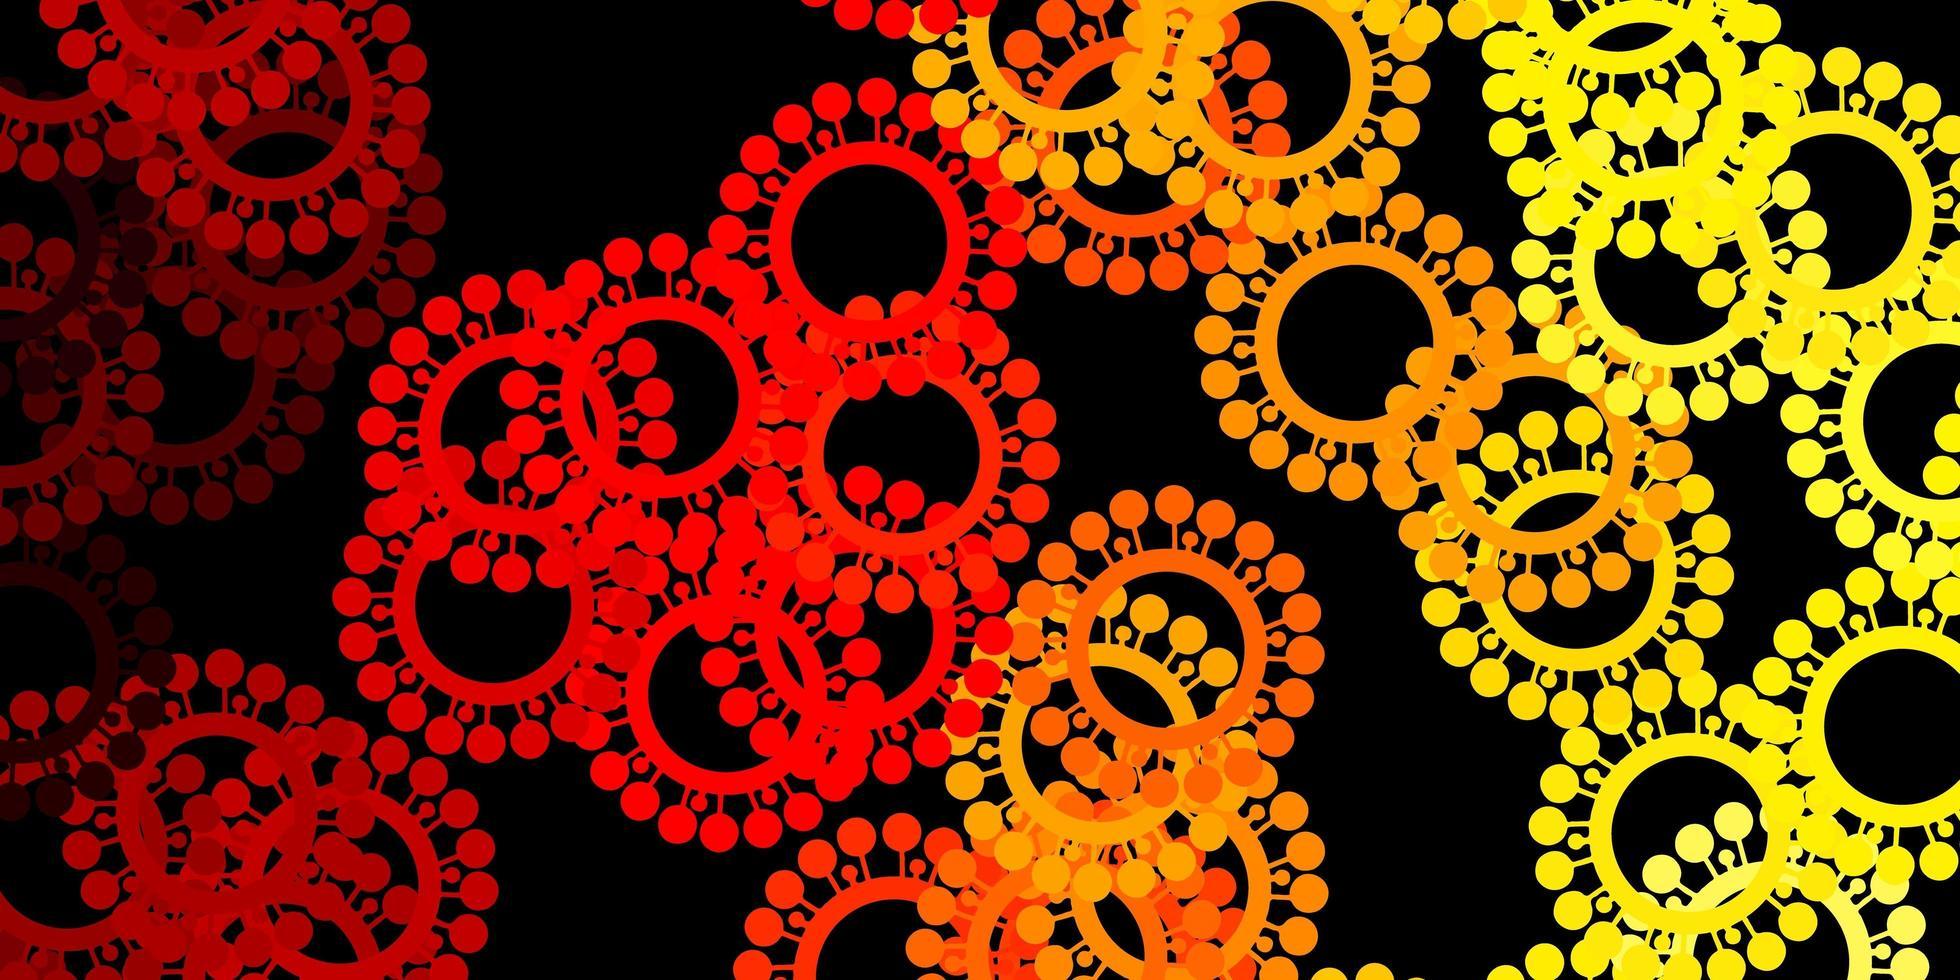 fond de vecteur rouge et jaune foncé avec symboles covid-19